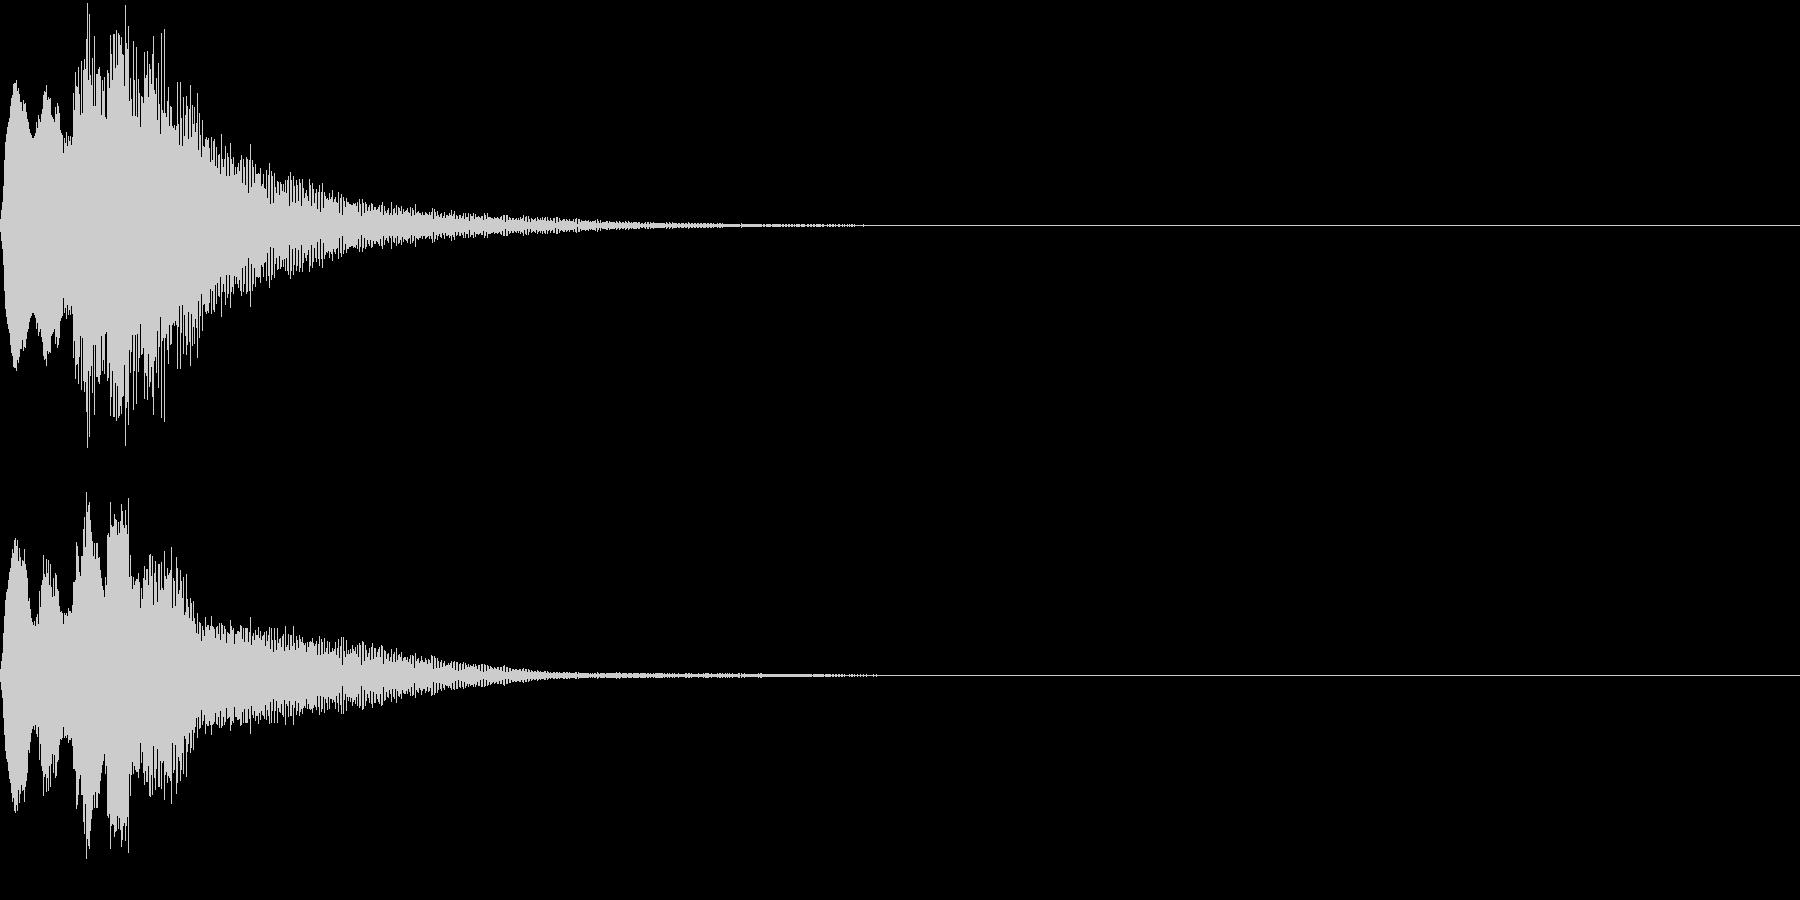 理科 化学 実験 変化 不思議 24の未再生の波形